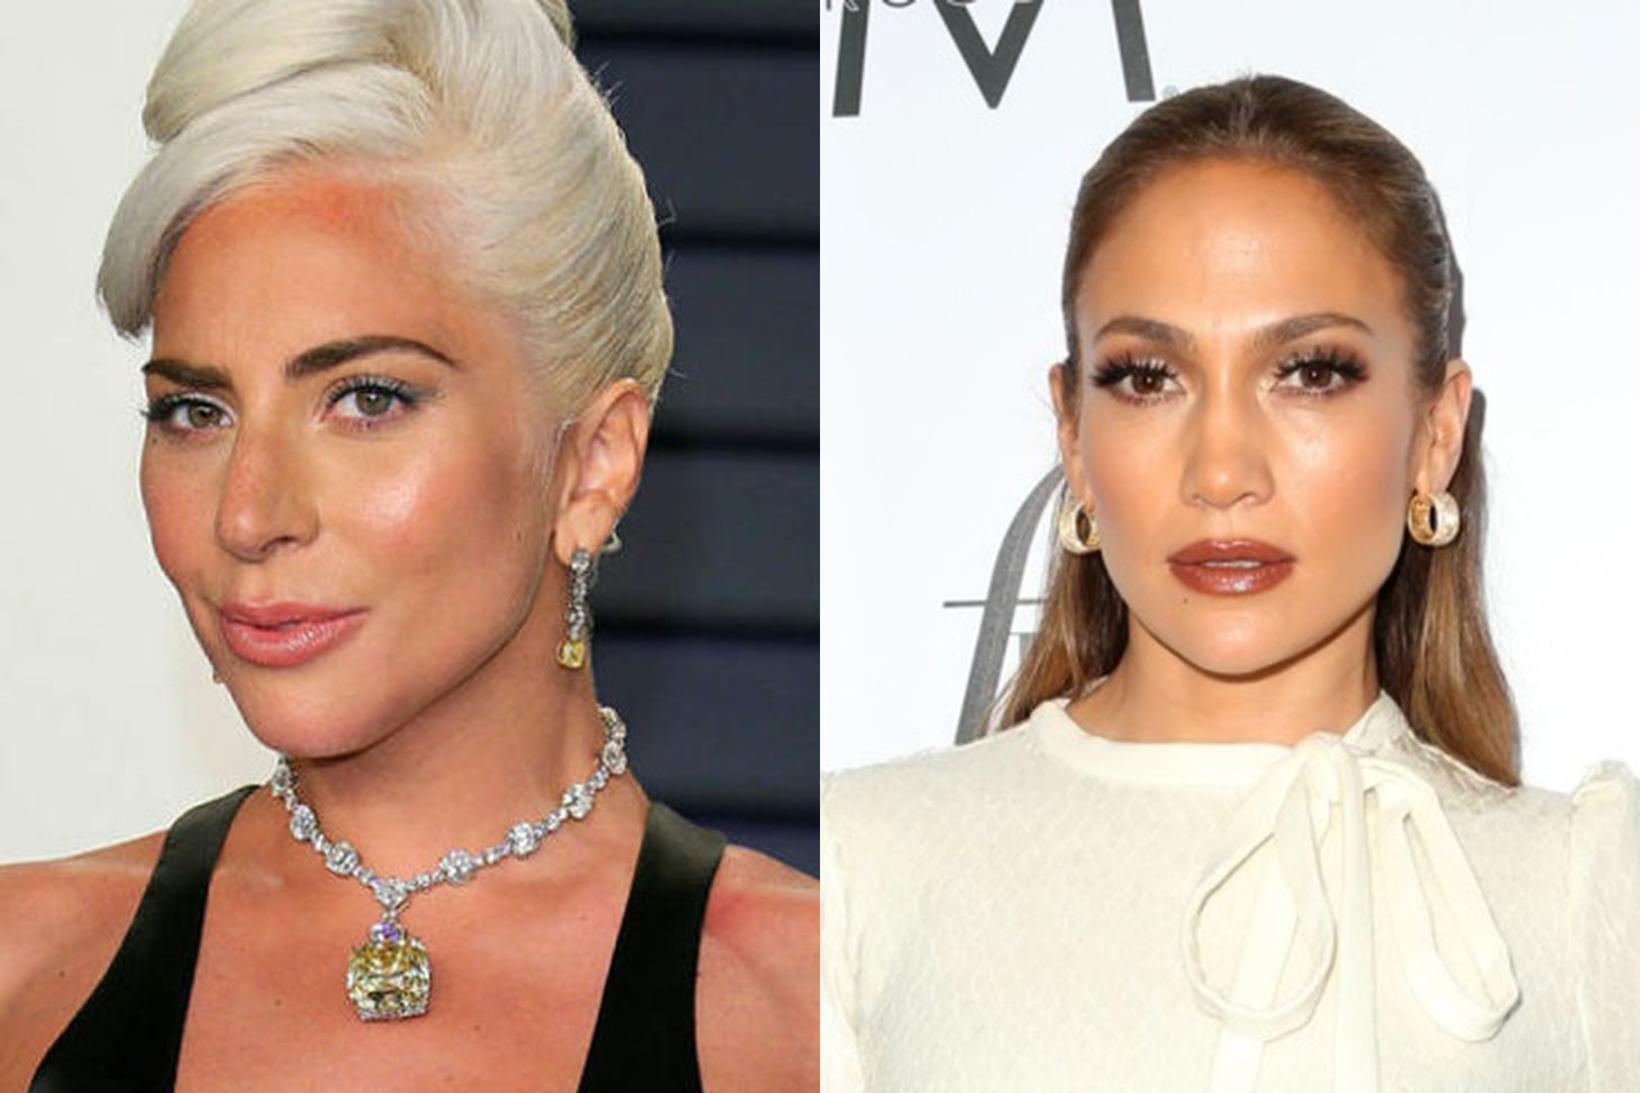 Lady Gaga og Jennifer Lopez munu koma fram á innsetningarathöfn …